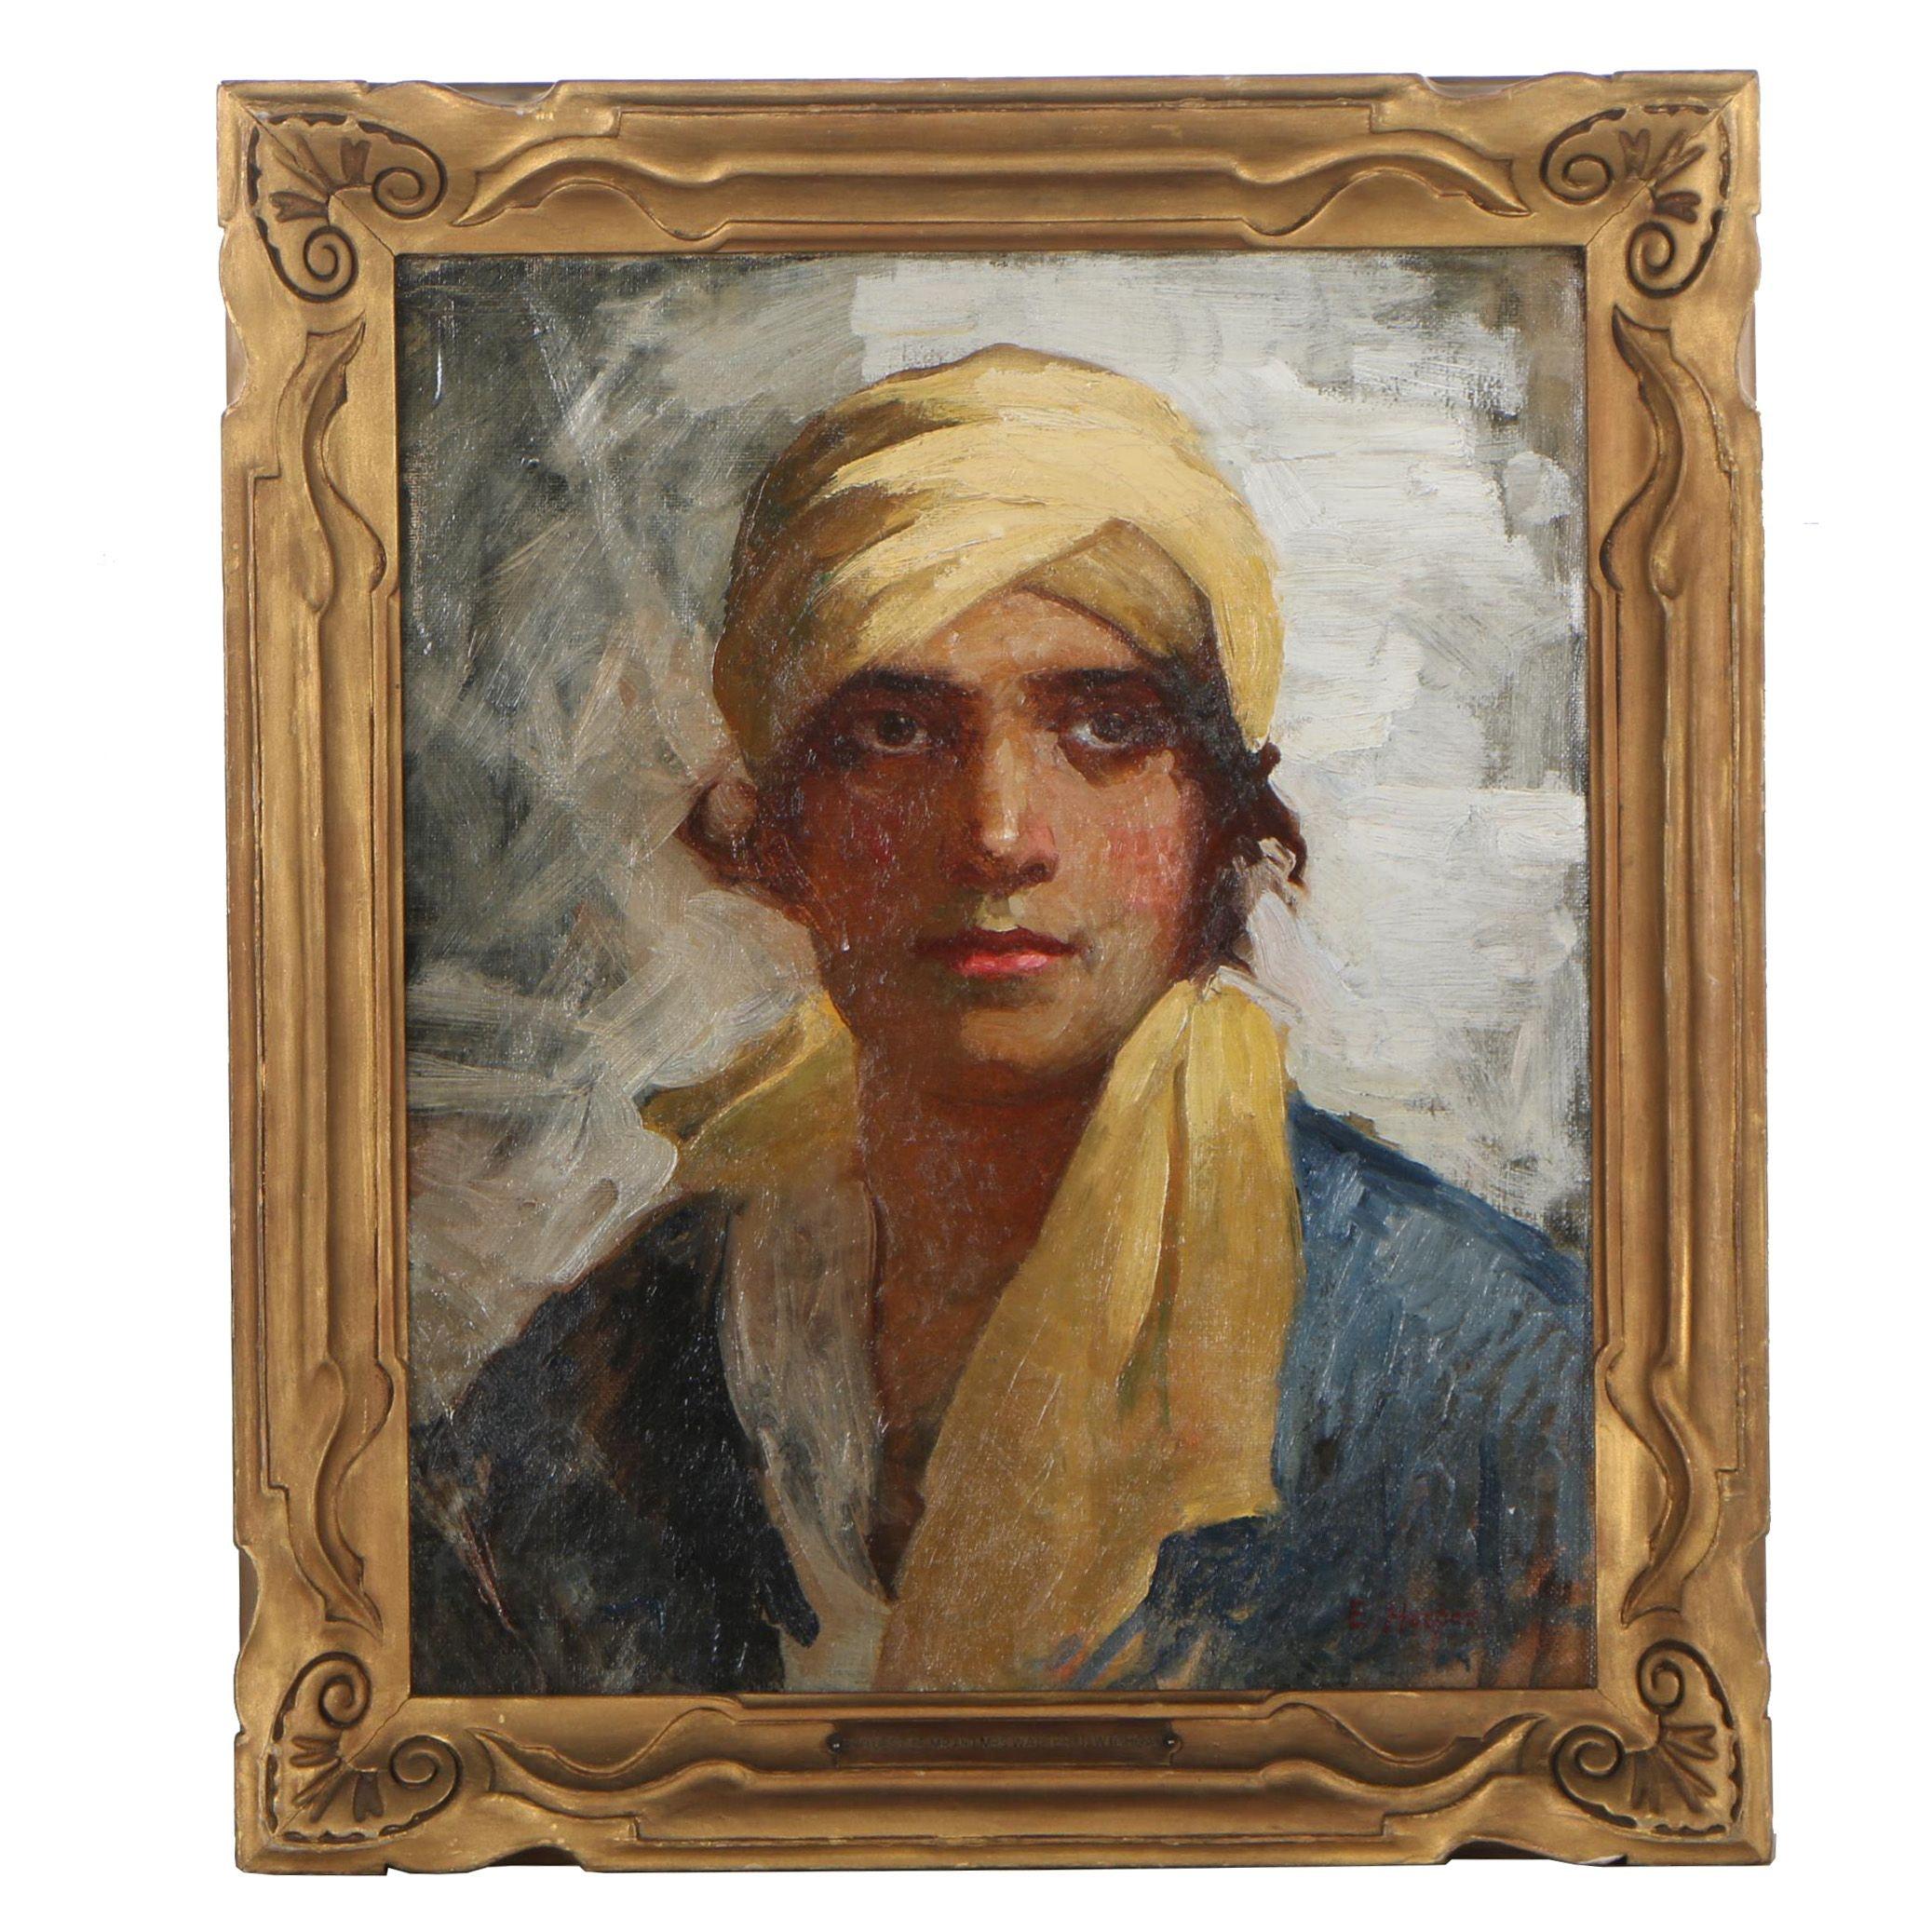 Edith Walters Harper Oil Portrait of a Woman, circa 1920